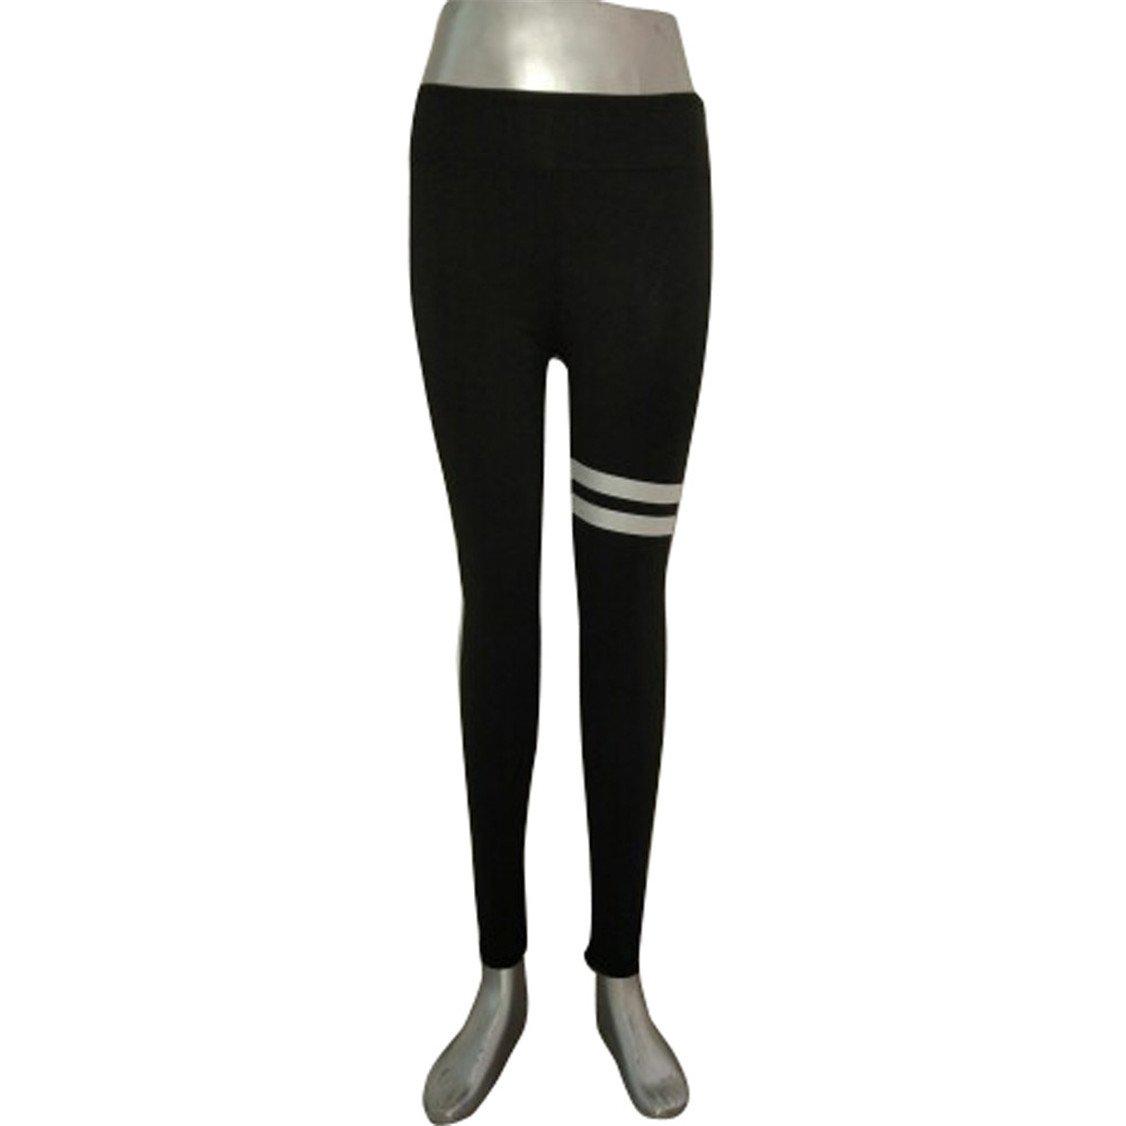 HARRYSTORE Mujer pantalones deportivos y elásticos de impresión Mujer polainas de yoga Fitness